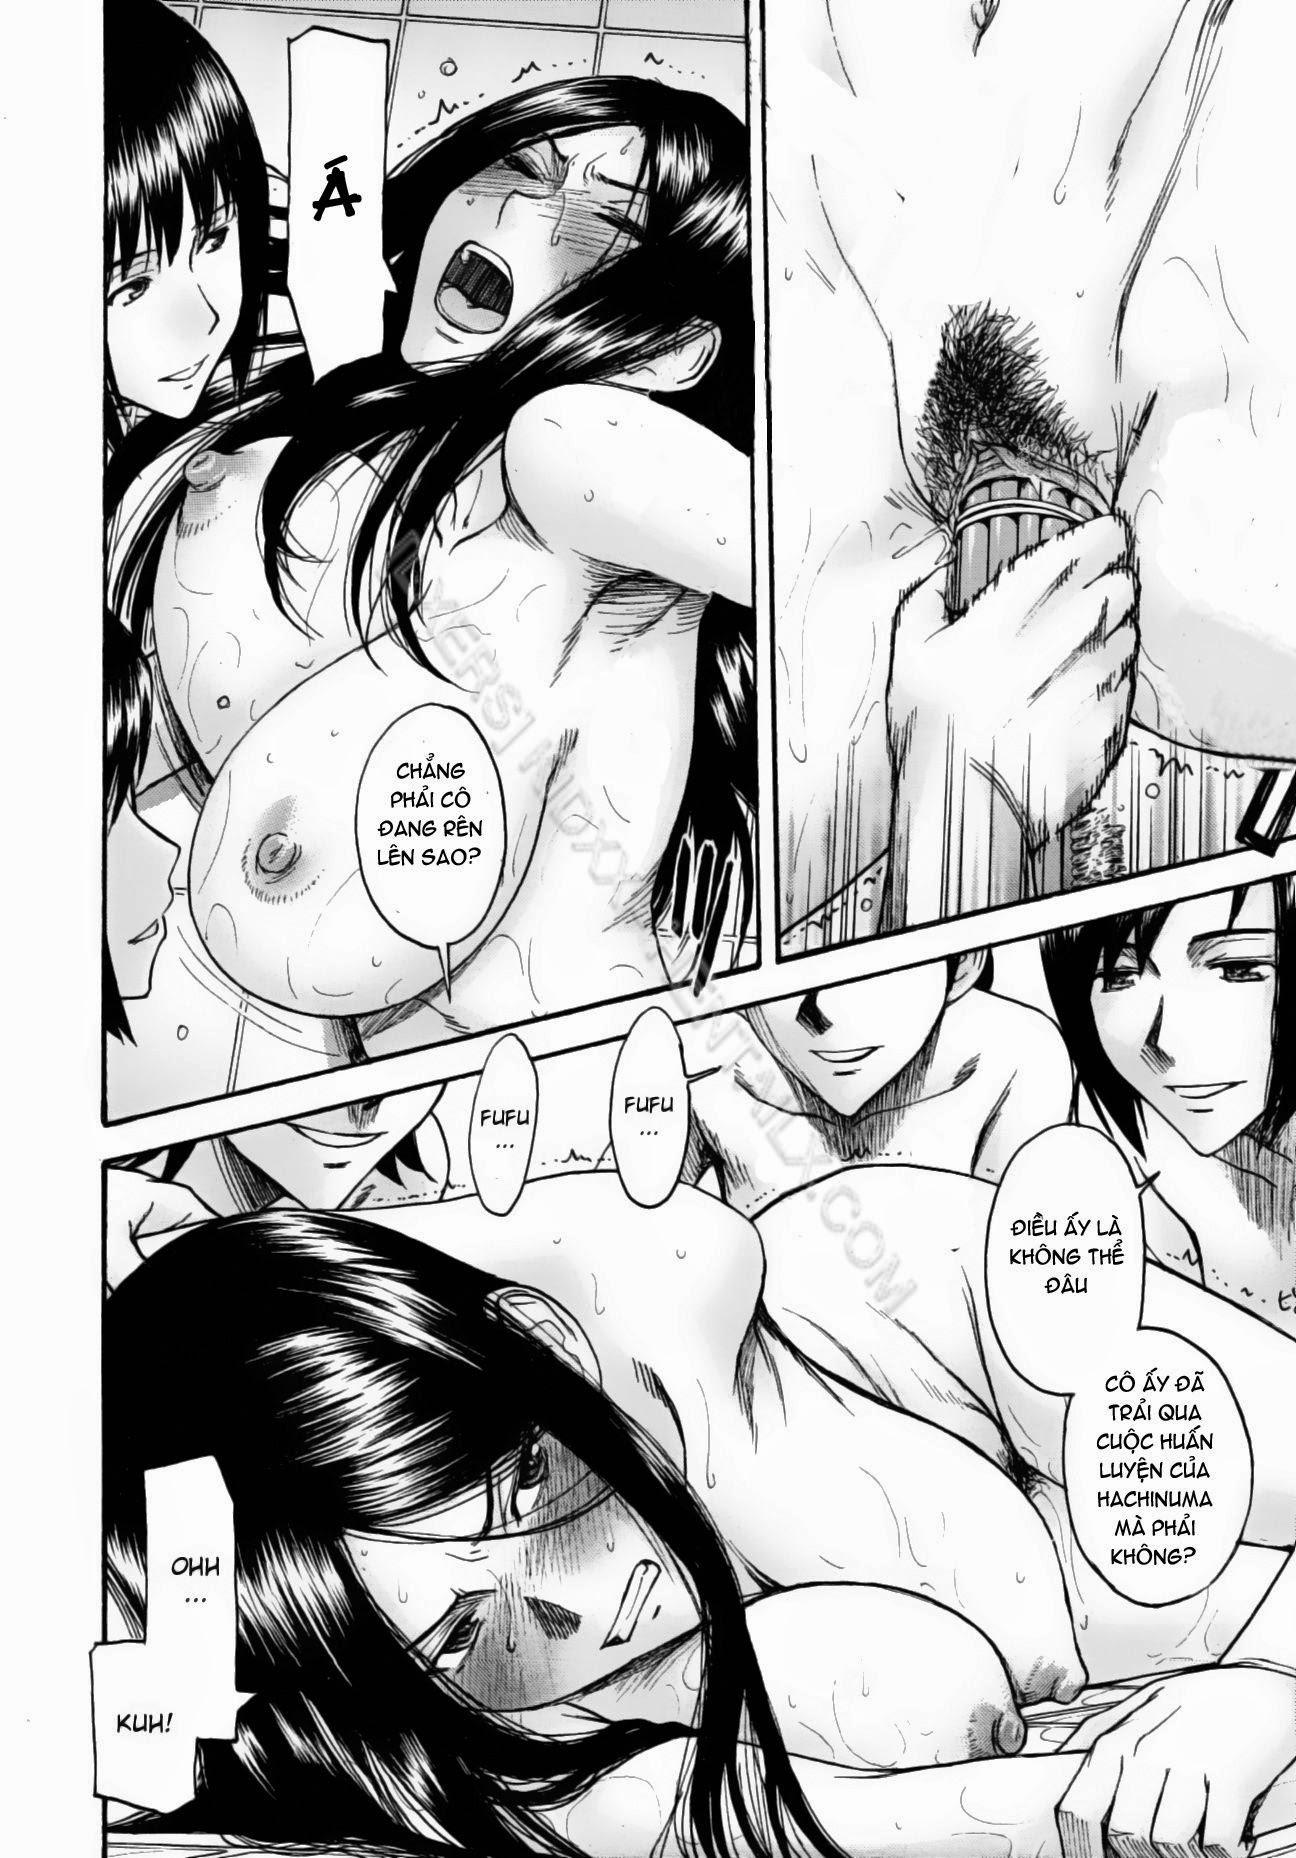 Hình ảnh Hinh010 in Sex Bạo Dâm Dây Trói Xiềng Xích [Uncen]